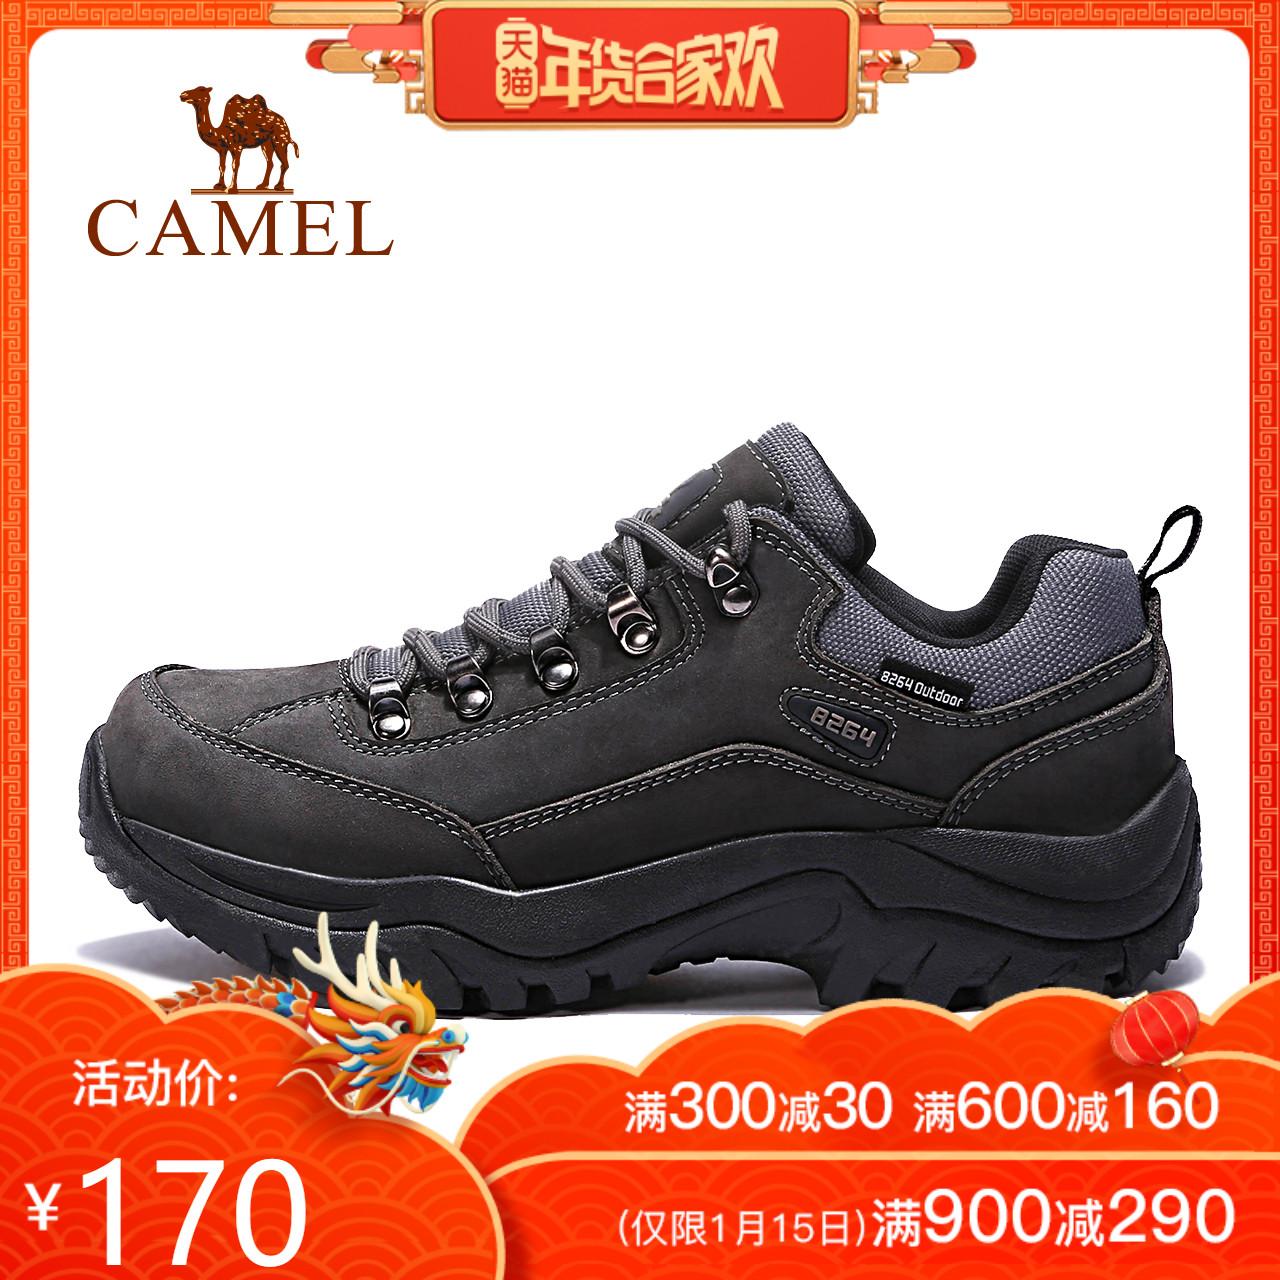 【清仓特卖】骆驼8264登山队系列 磨砂爬山鞋防滑低帮徒步鞋男女